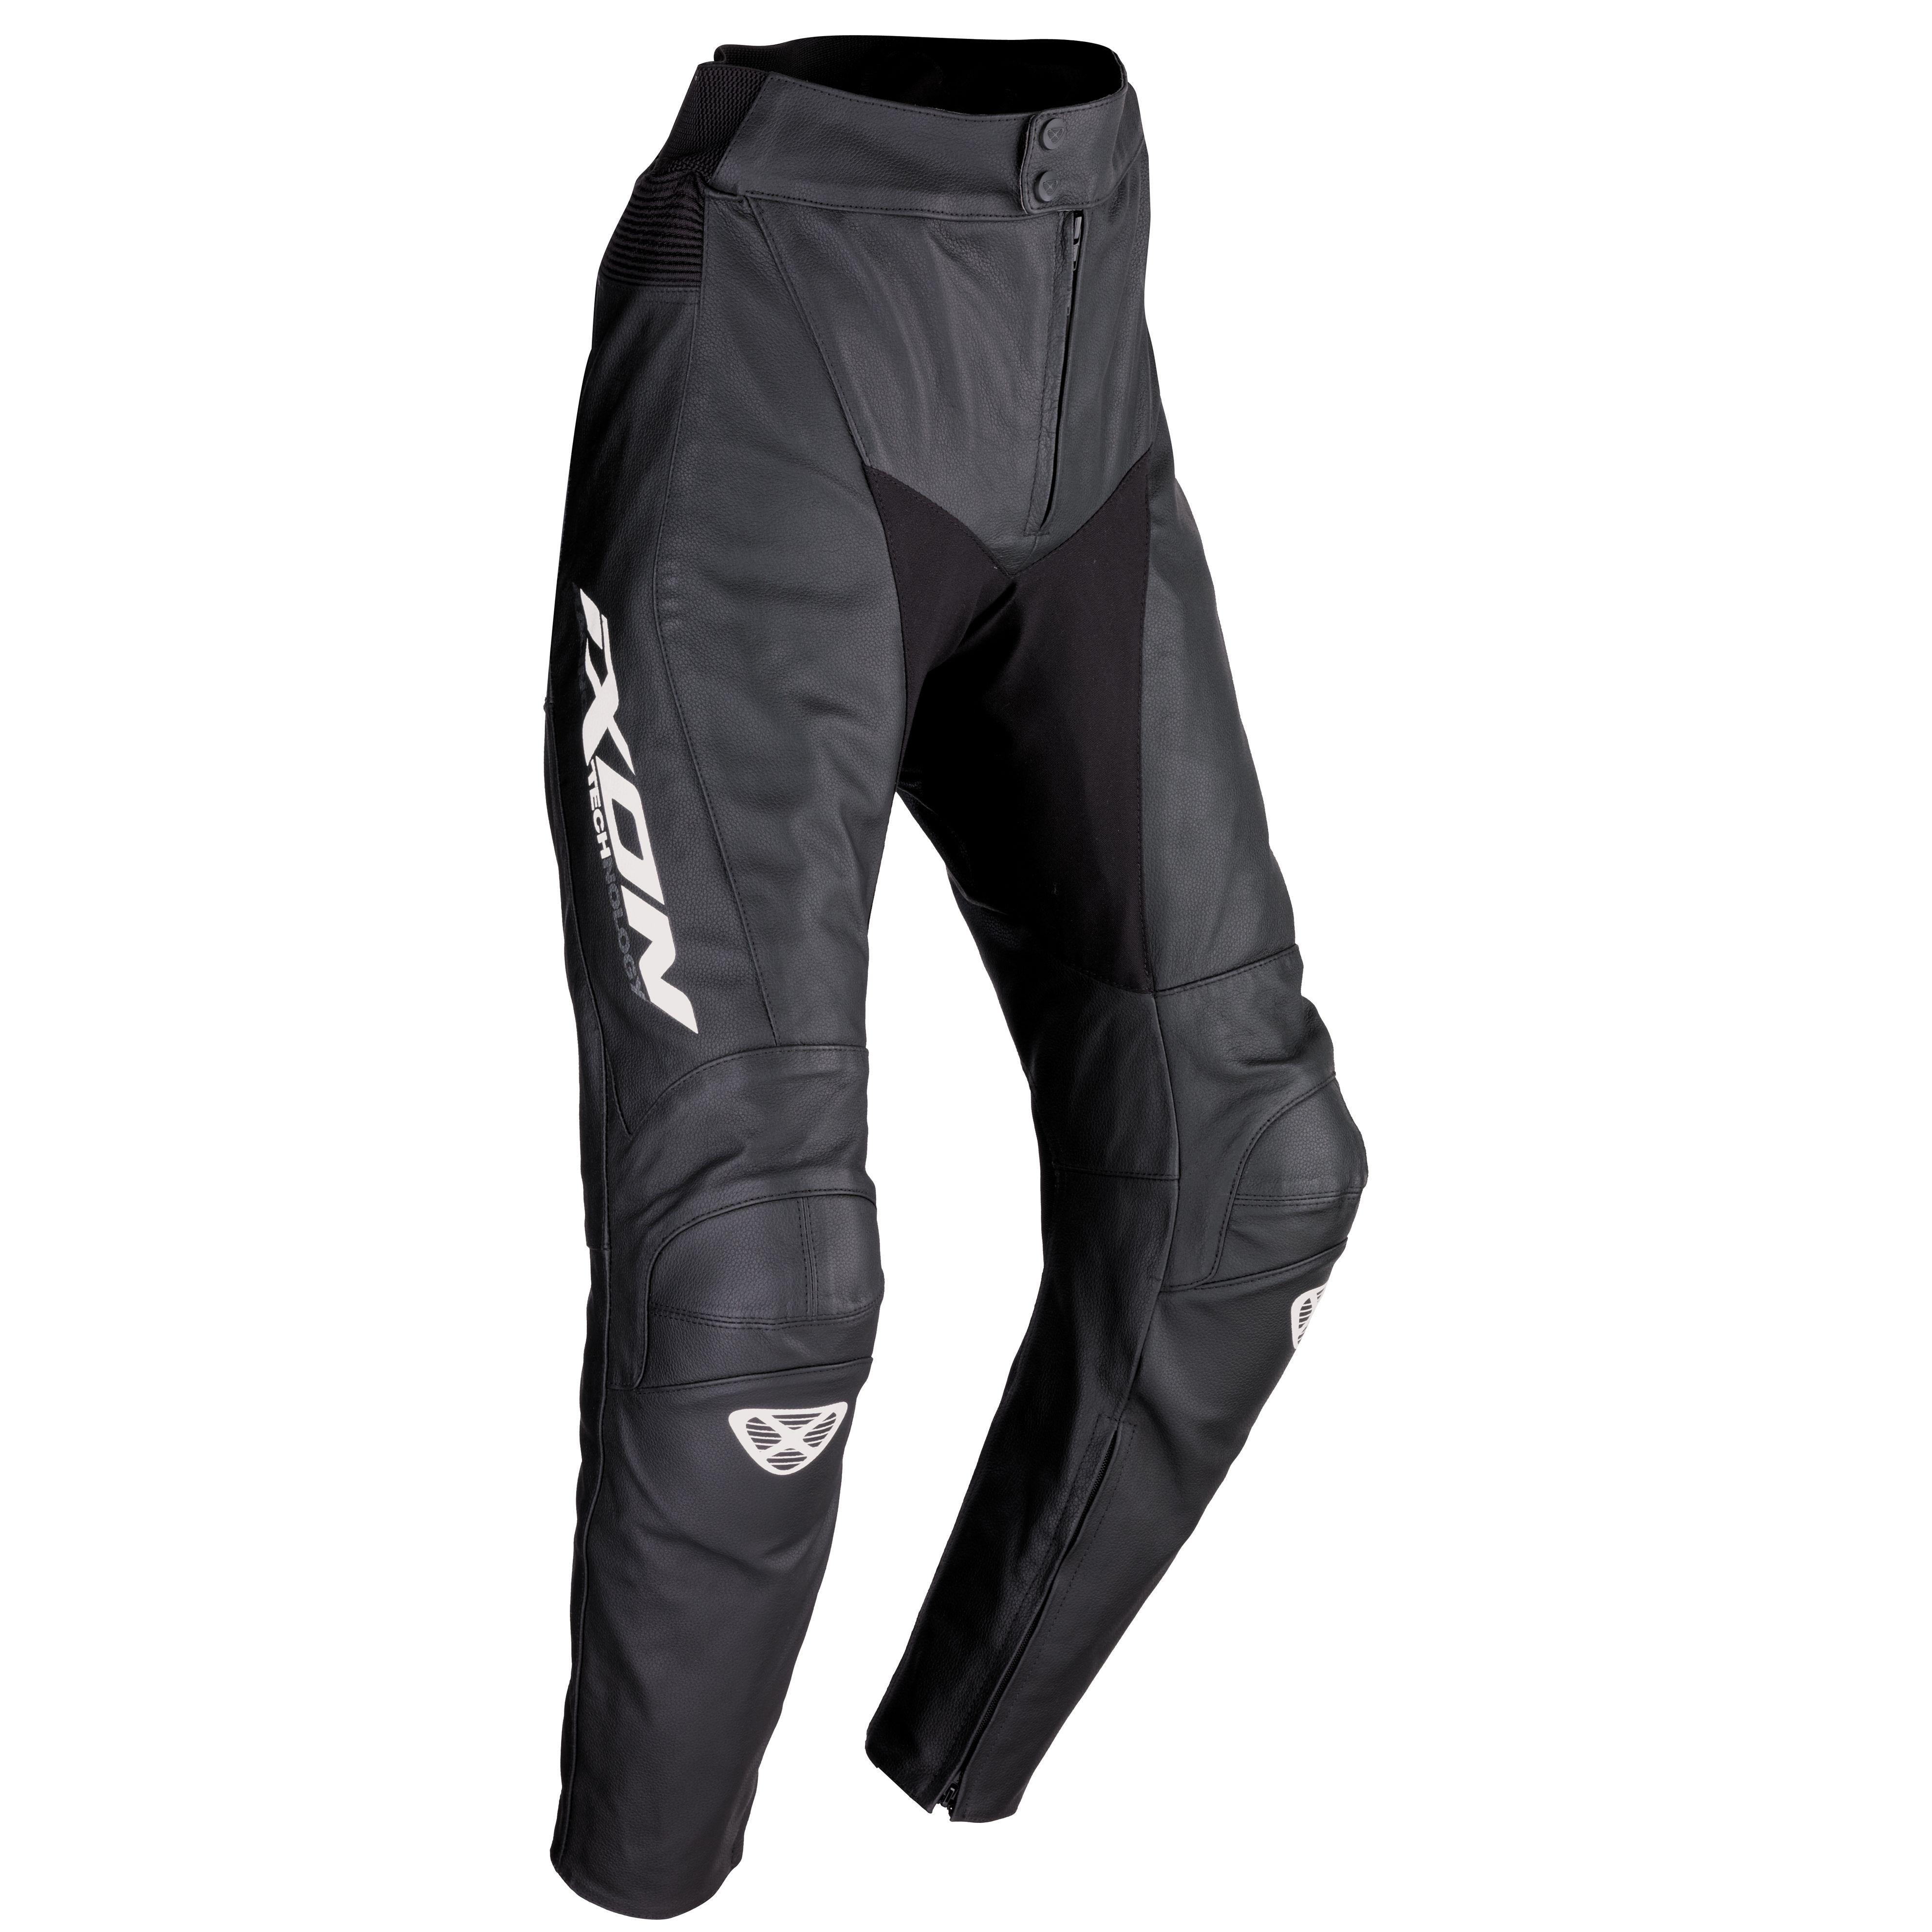 Pantalon Ixon Fin de serie FUELLER 2.0